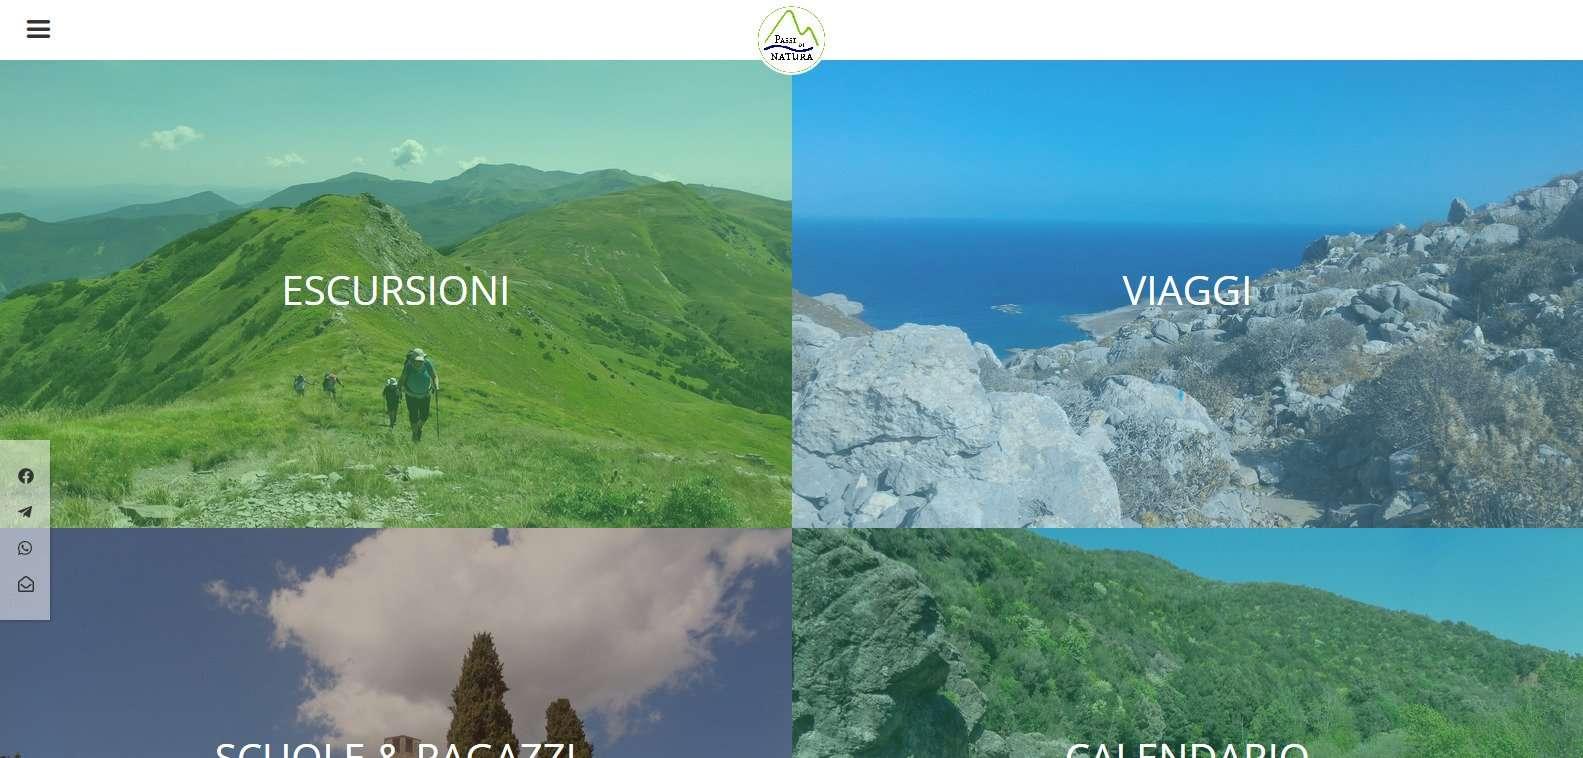 screenshot della homepage di passi di natura